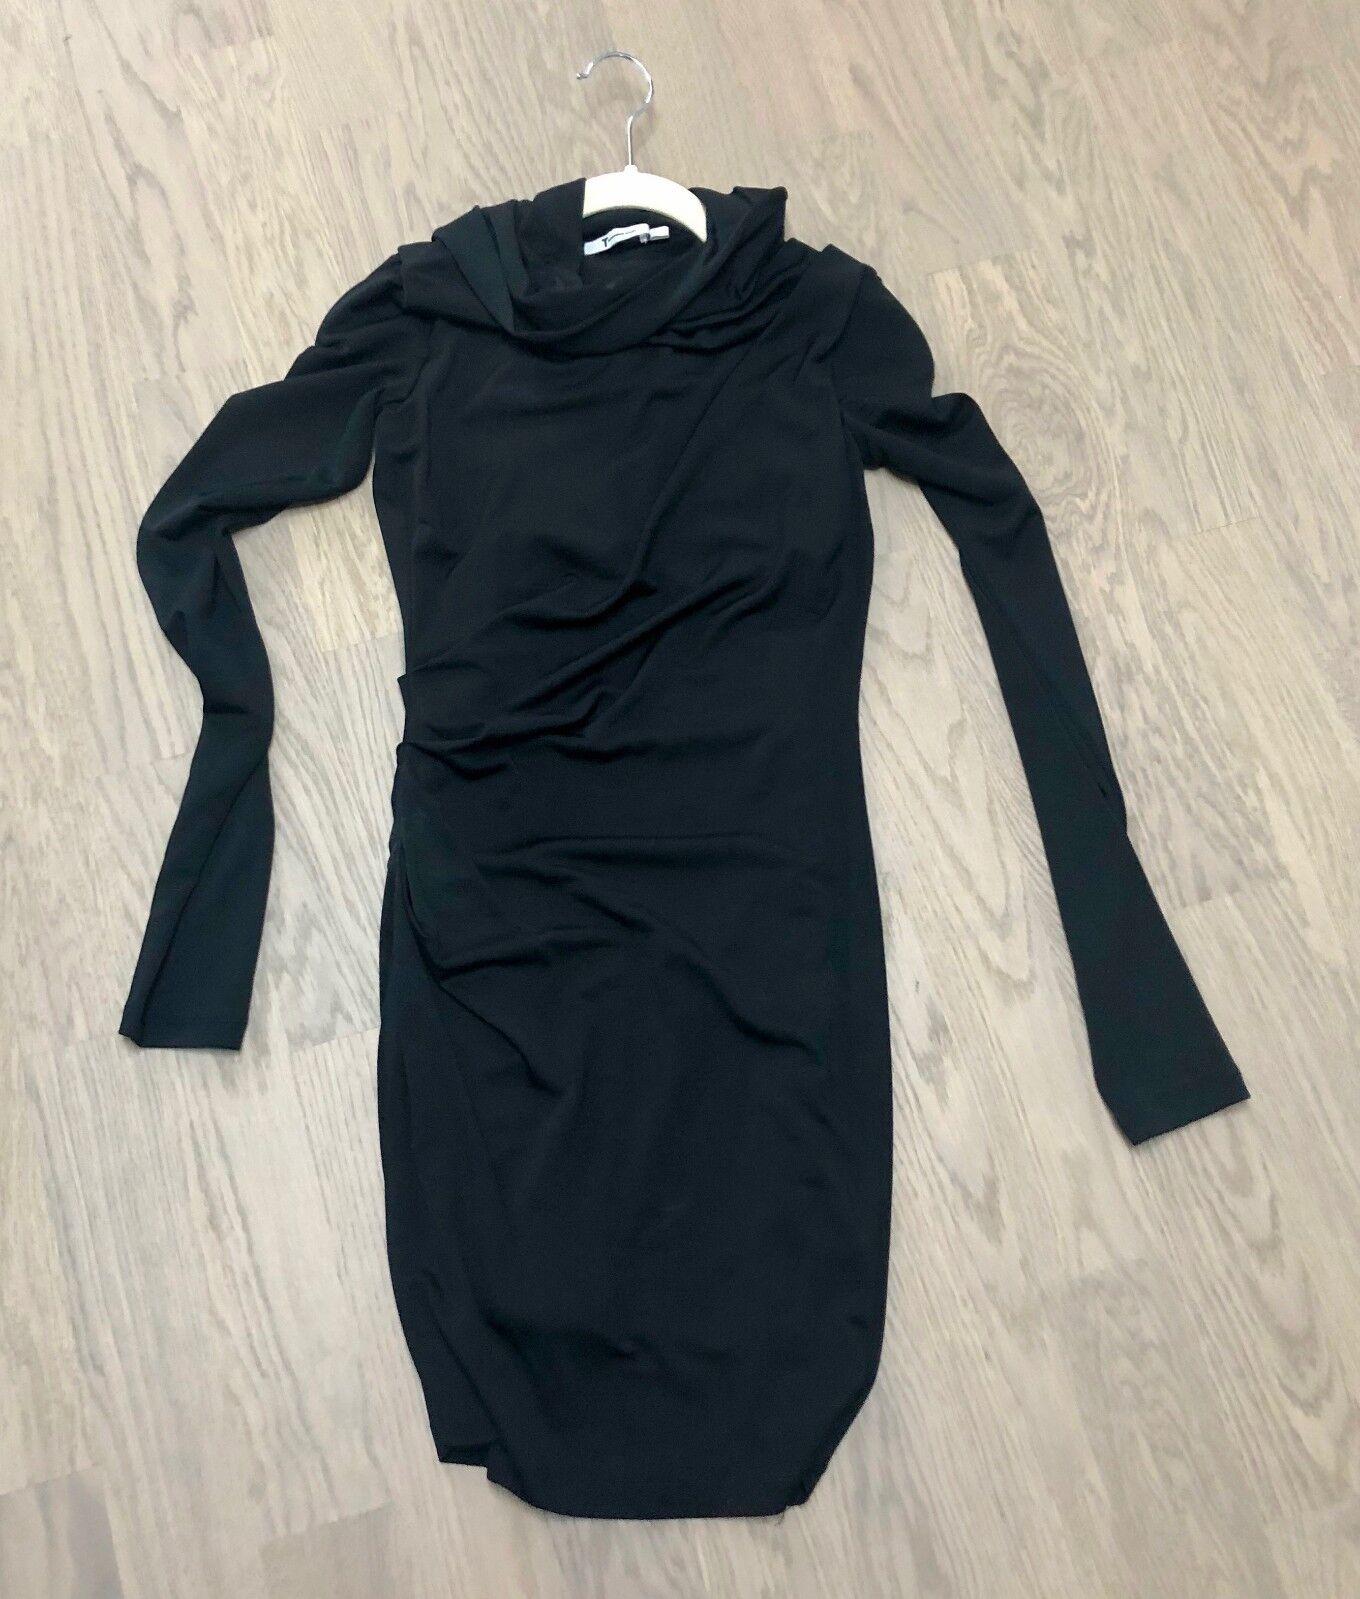 T by ALEXANDER WANG kurzes schwarzes Kleid, mit Kapuze, Gr. XS